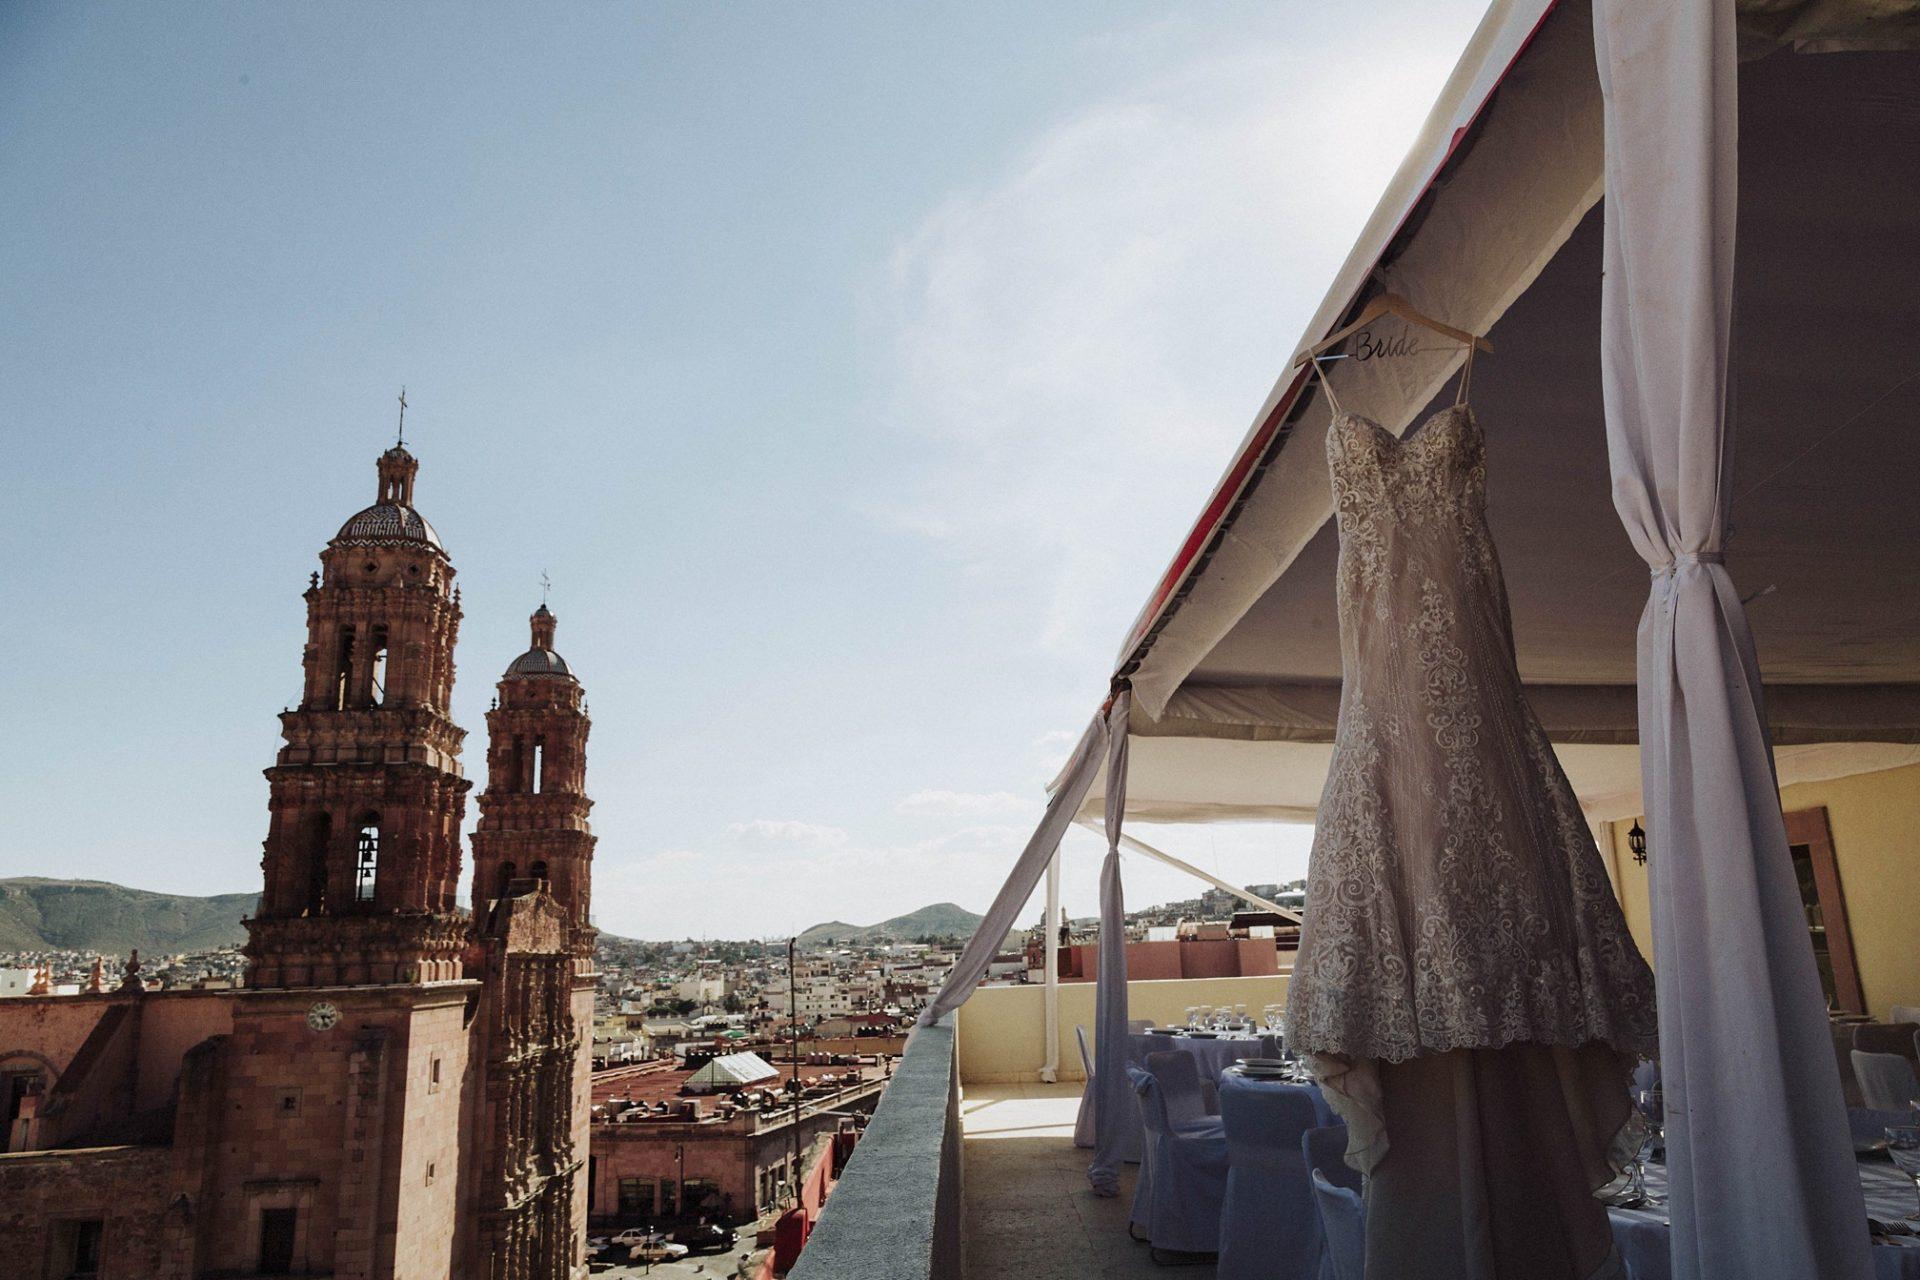 fotografo_profesional_bodas_zacatecas_mexico-12